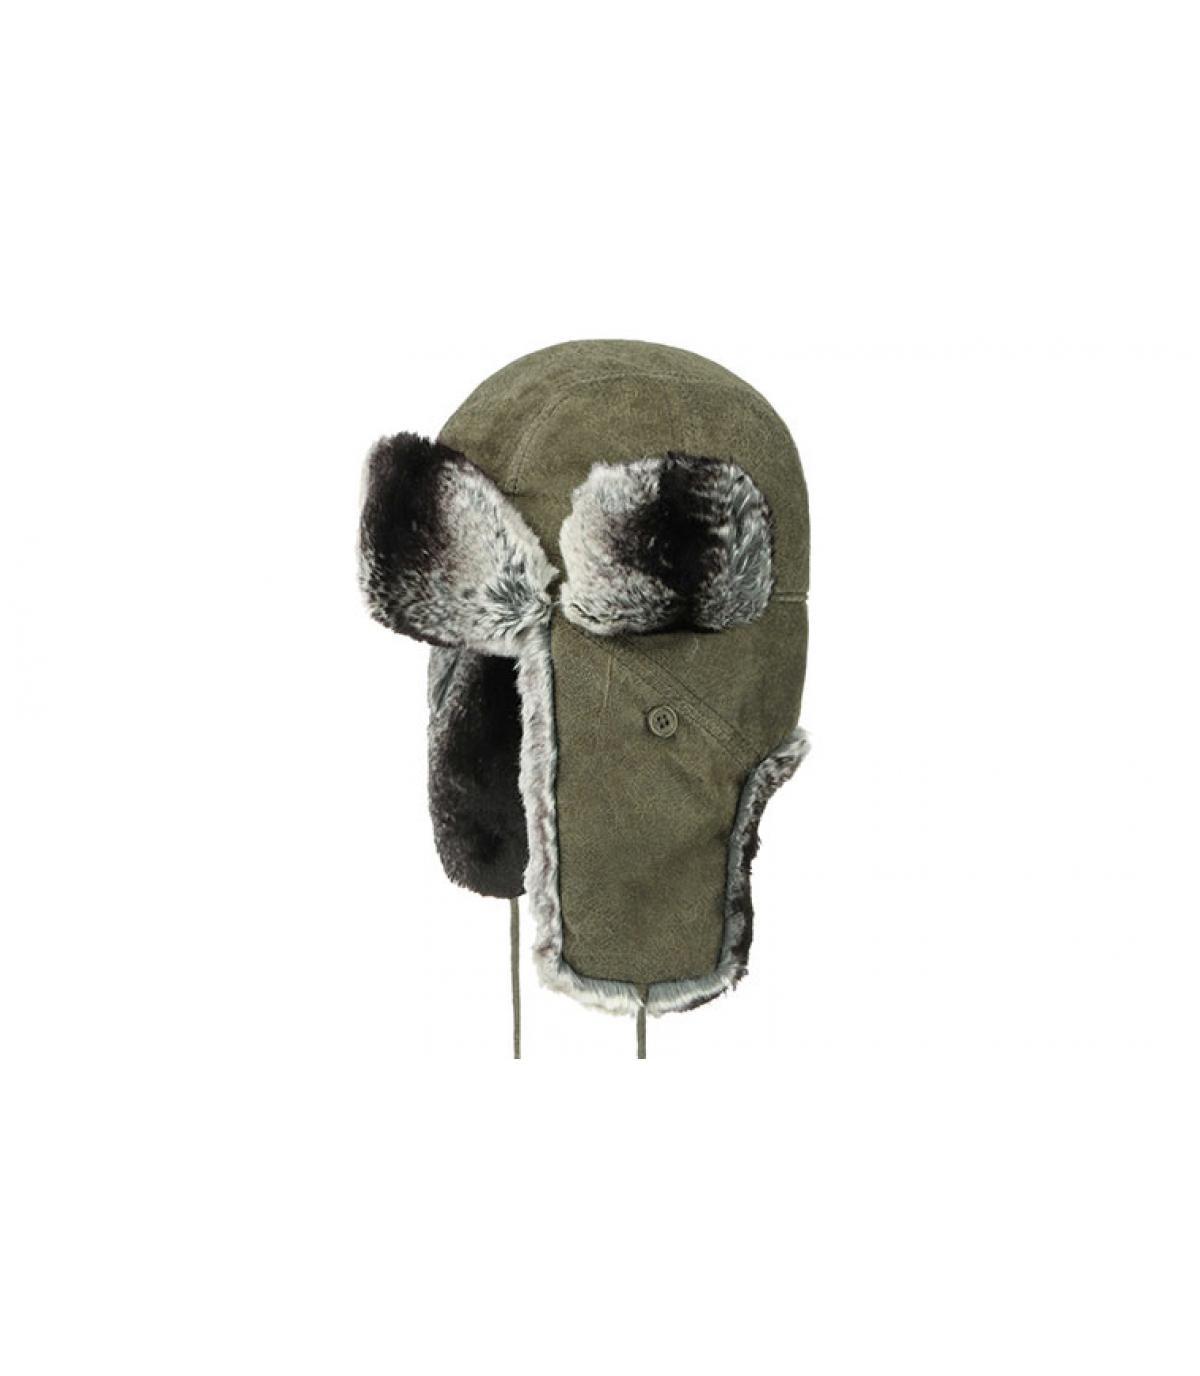 Détails Bomber Cap Pigskin olive - image 2